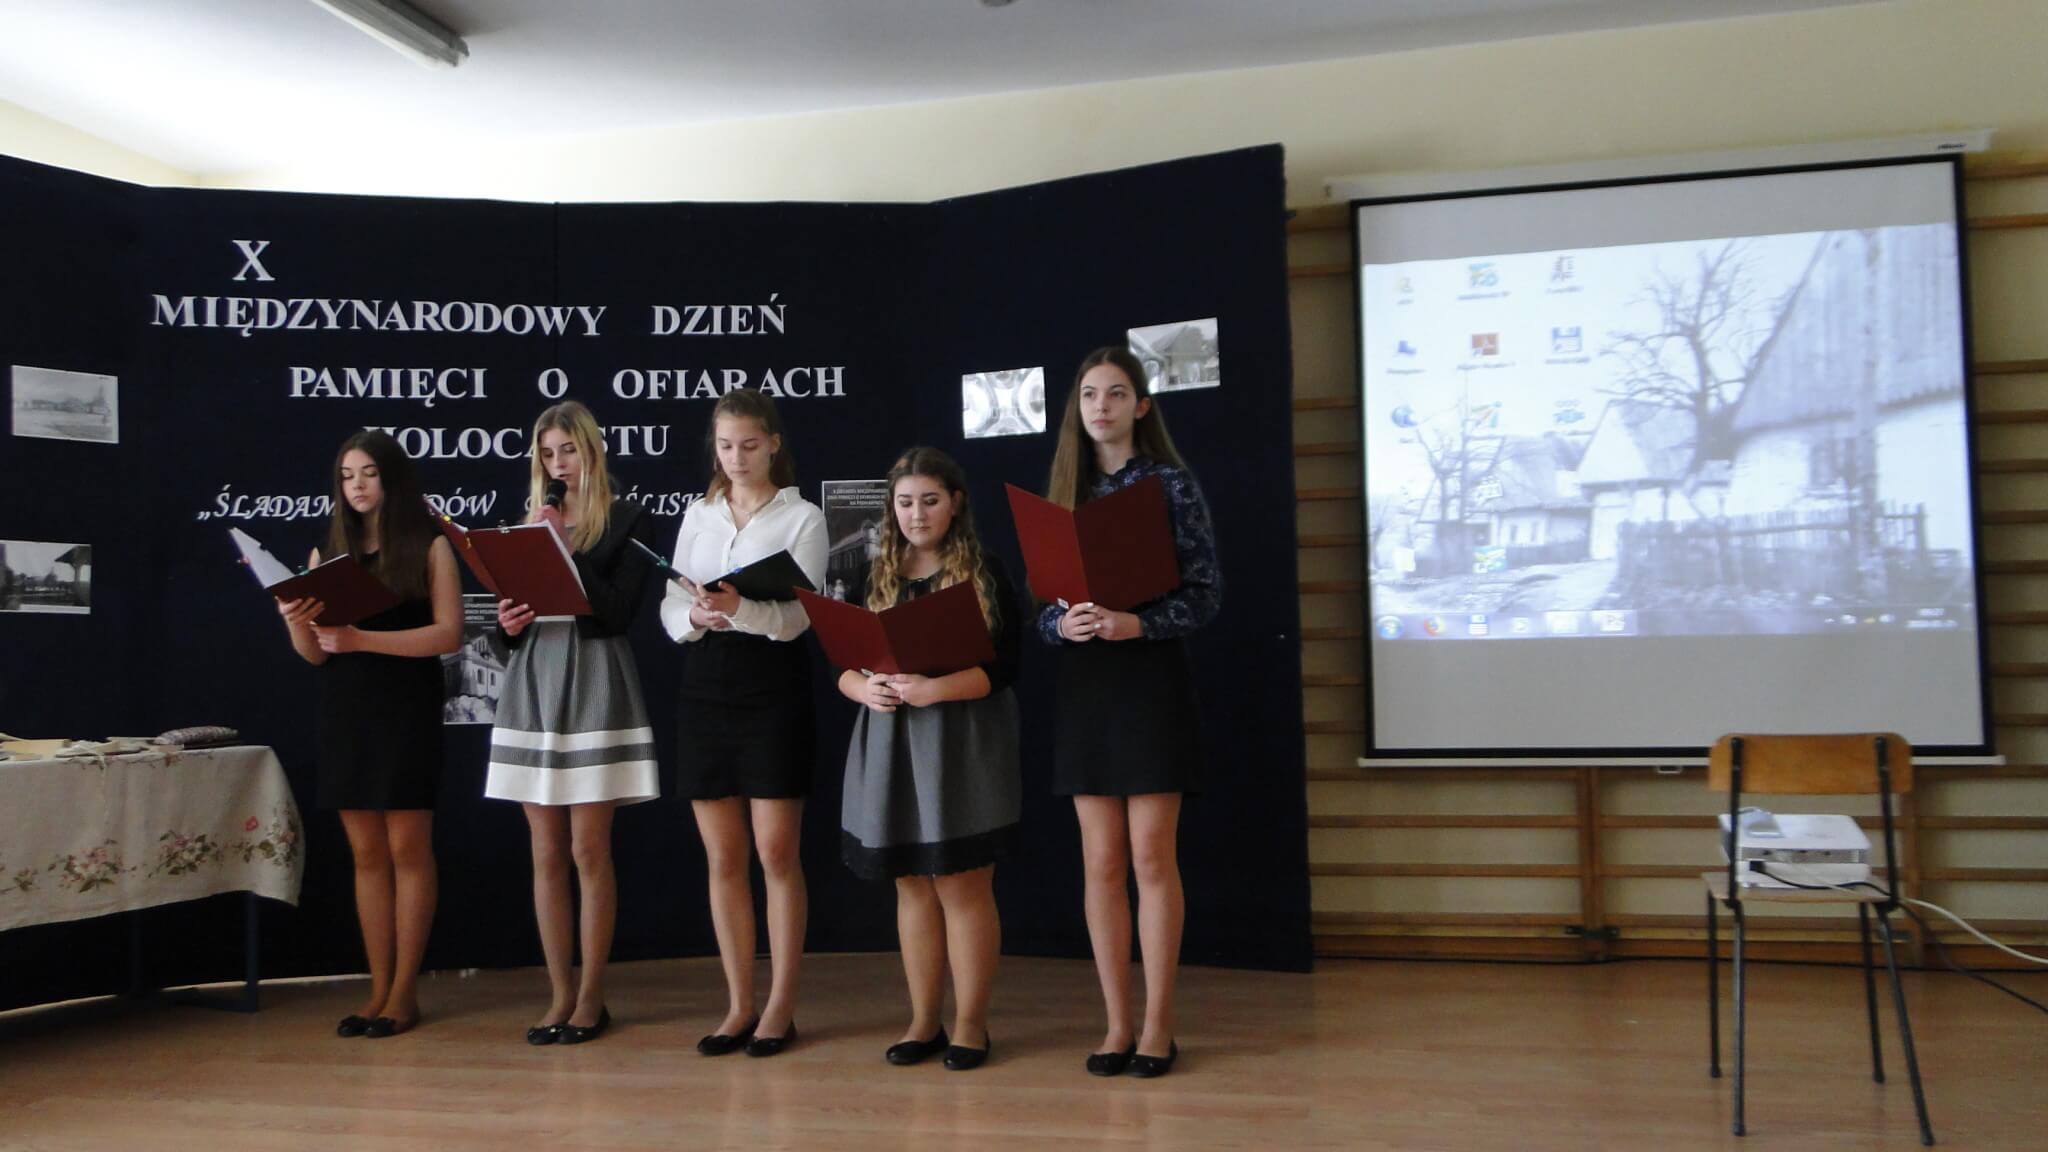 X Międzynarodowy Dzień Pamięci oOfiarach Holokaustu wJaśliskach